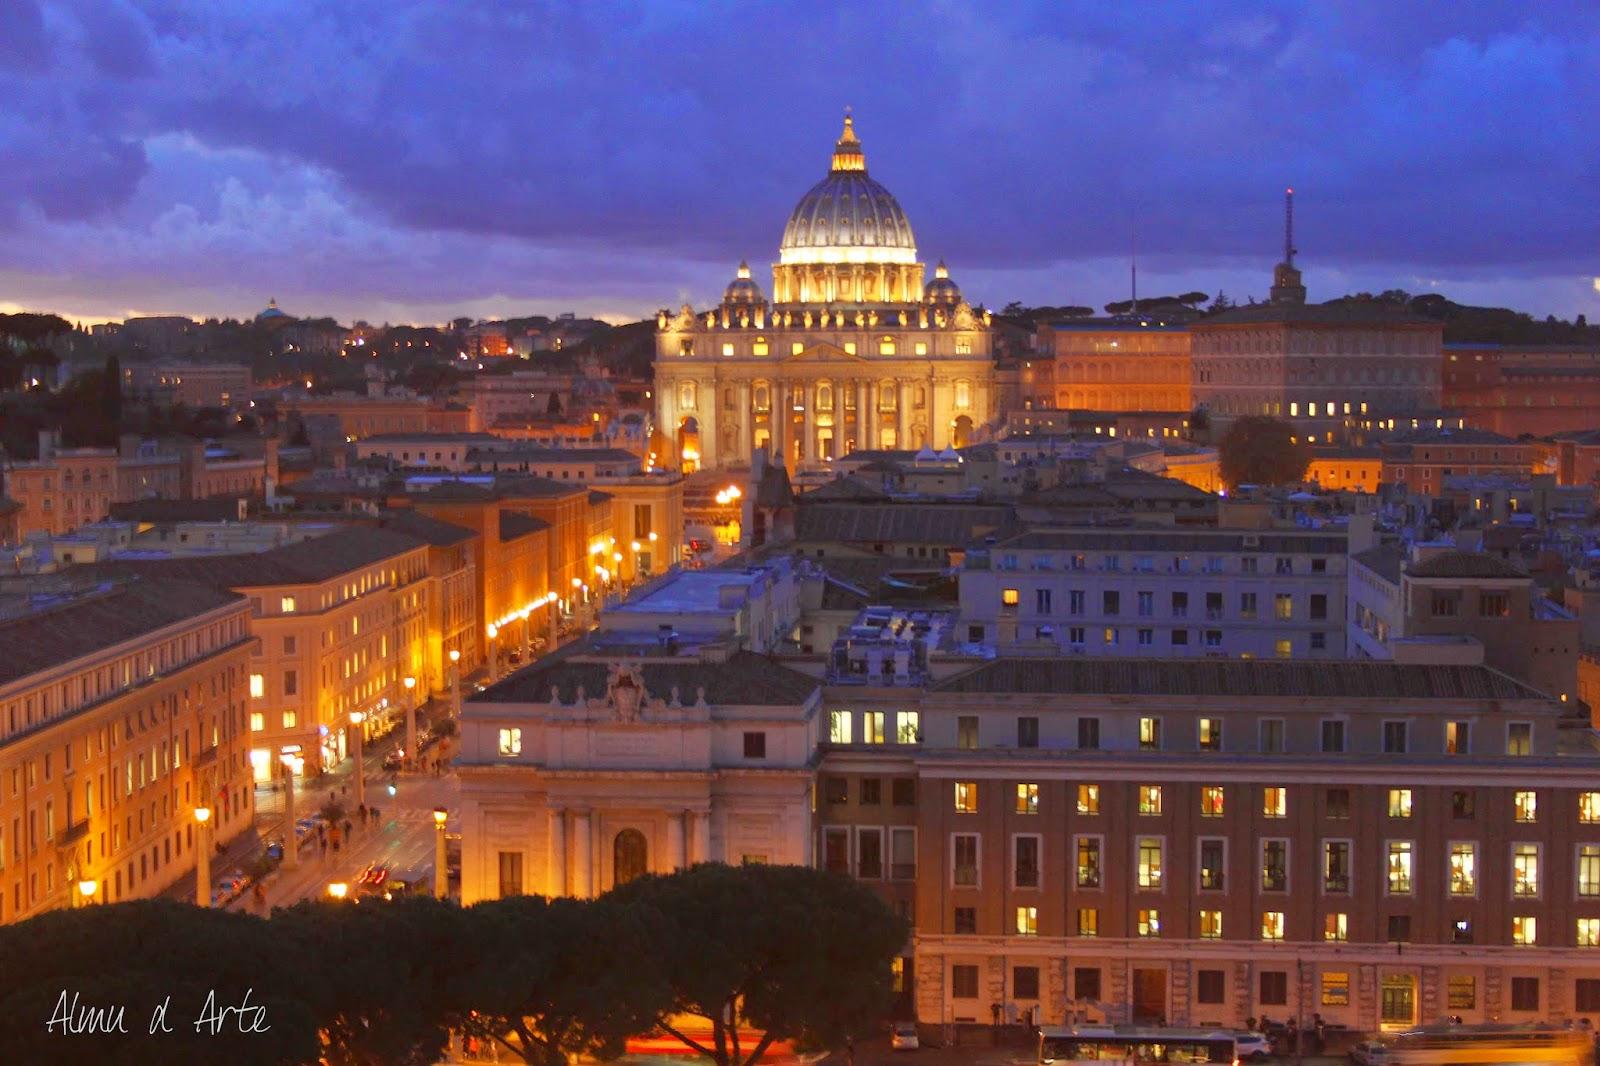 Vista de la Basílica de San Pedro del Vaticano